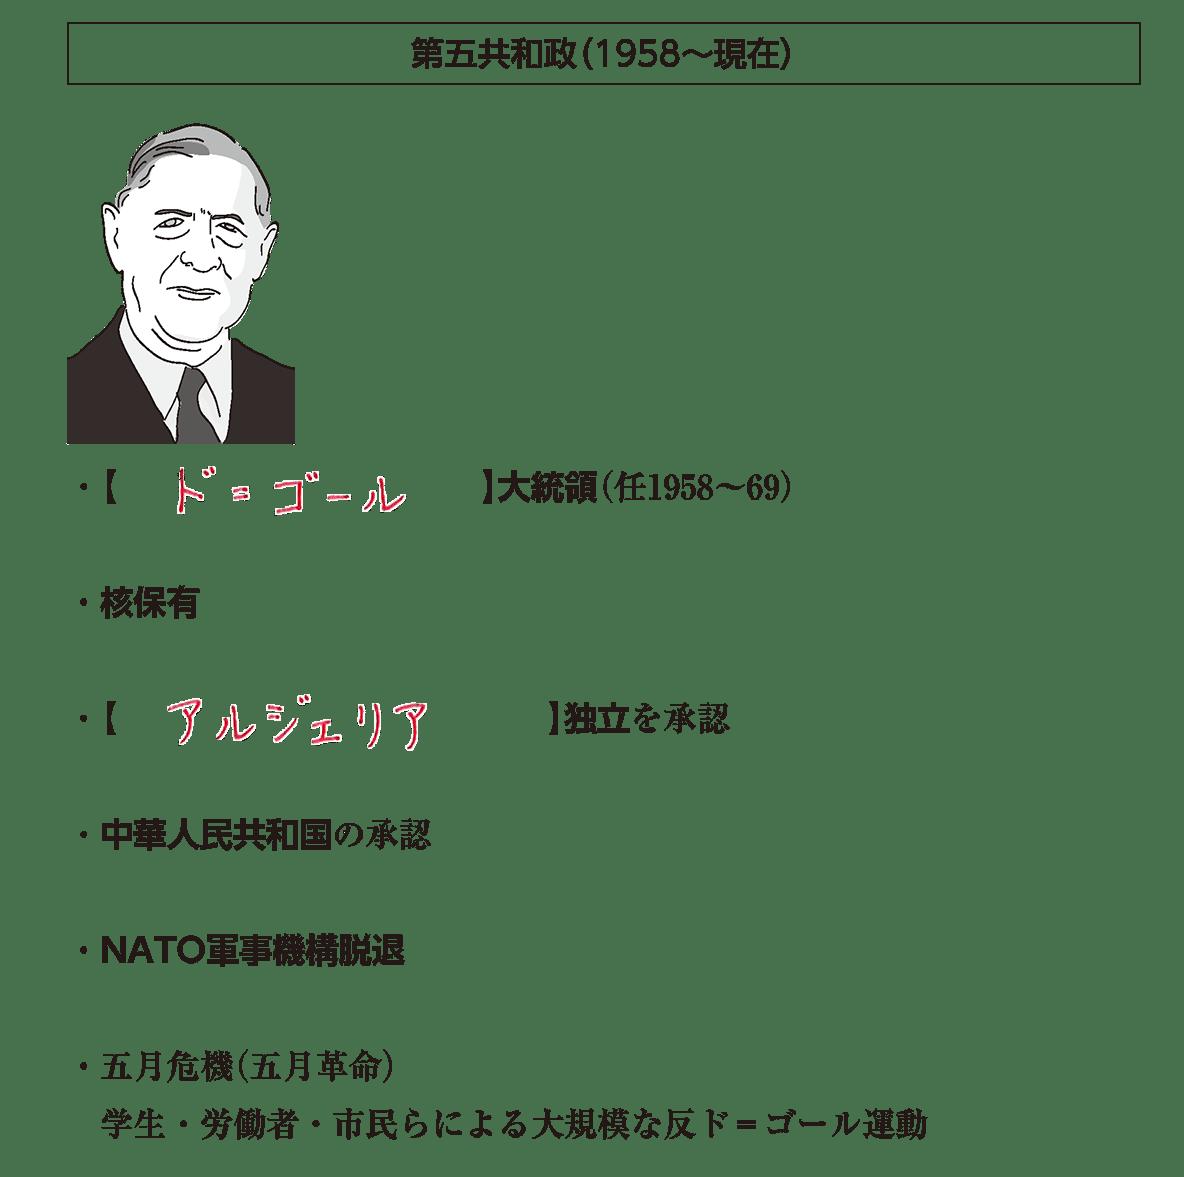 高校世界史 冷戦激化と西欧・日本の経済復興3 ポイント2 答え全部